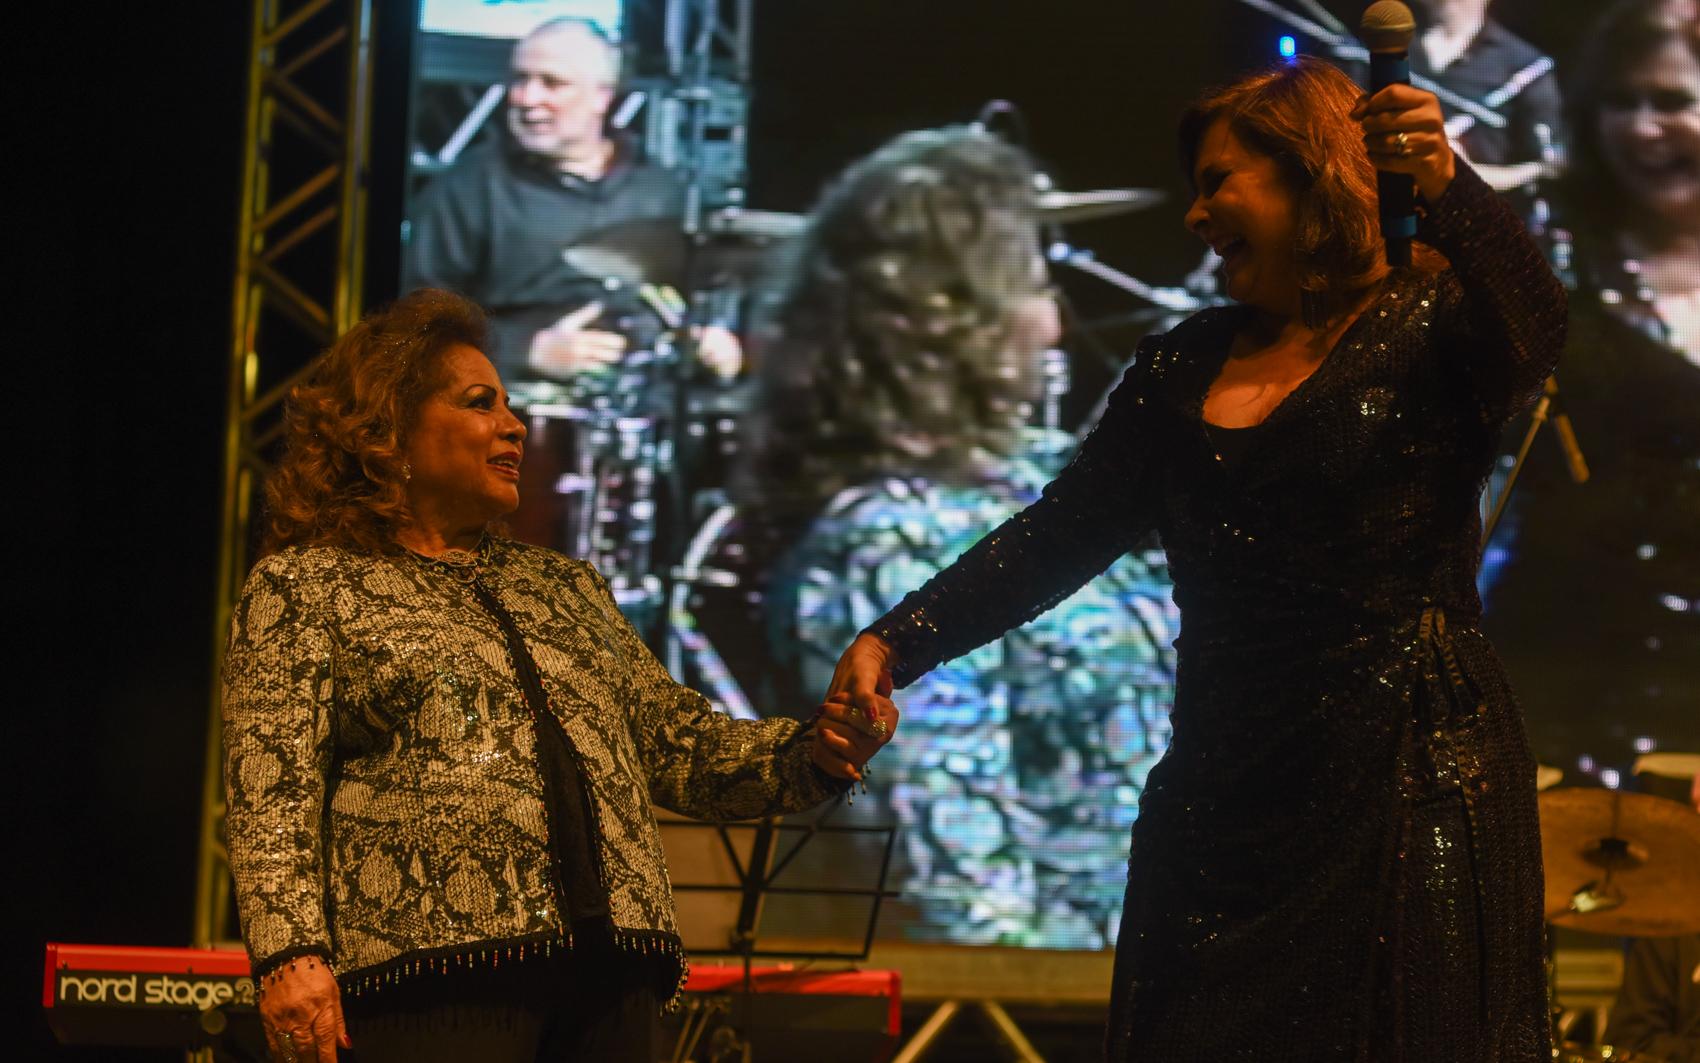 As cantoras Ângela Maria e Fafá de Belém cantaram juntas no tributo a Cauby Peixoto na Virada Cultural de São Paulo